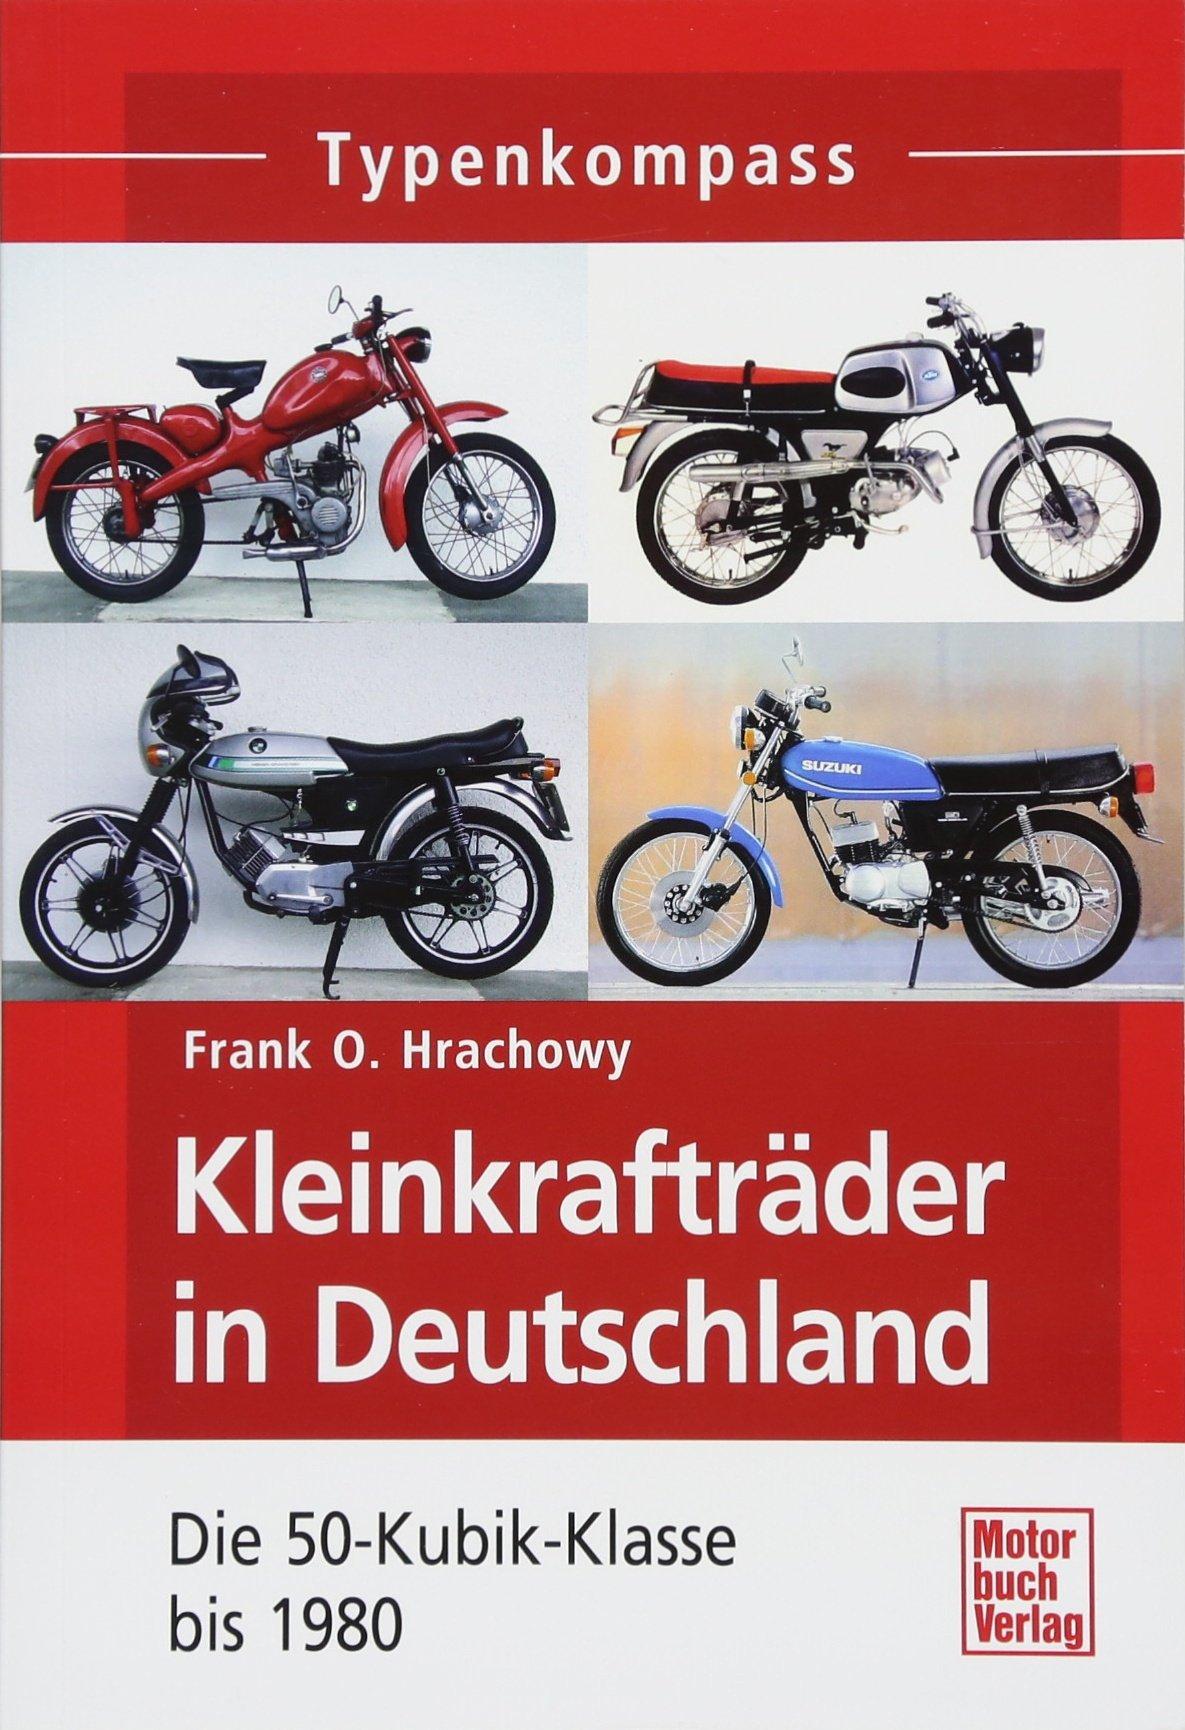 Kleinkrafträder In Deutschland  Die 50 Kubik Klasse Bis 1980  Typenkompass